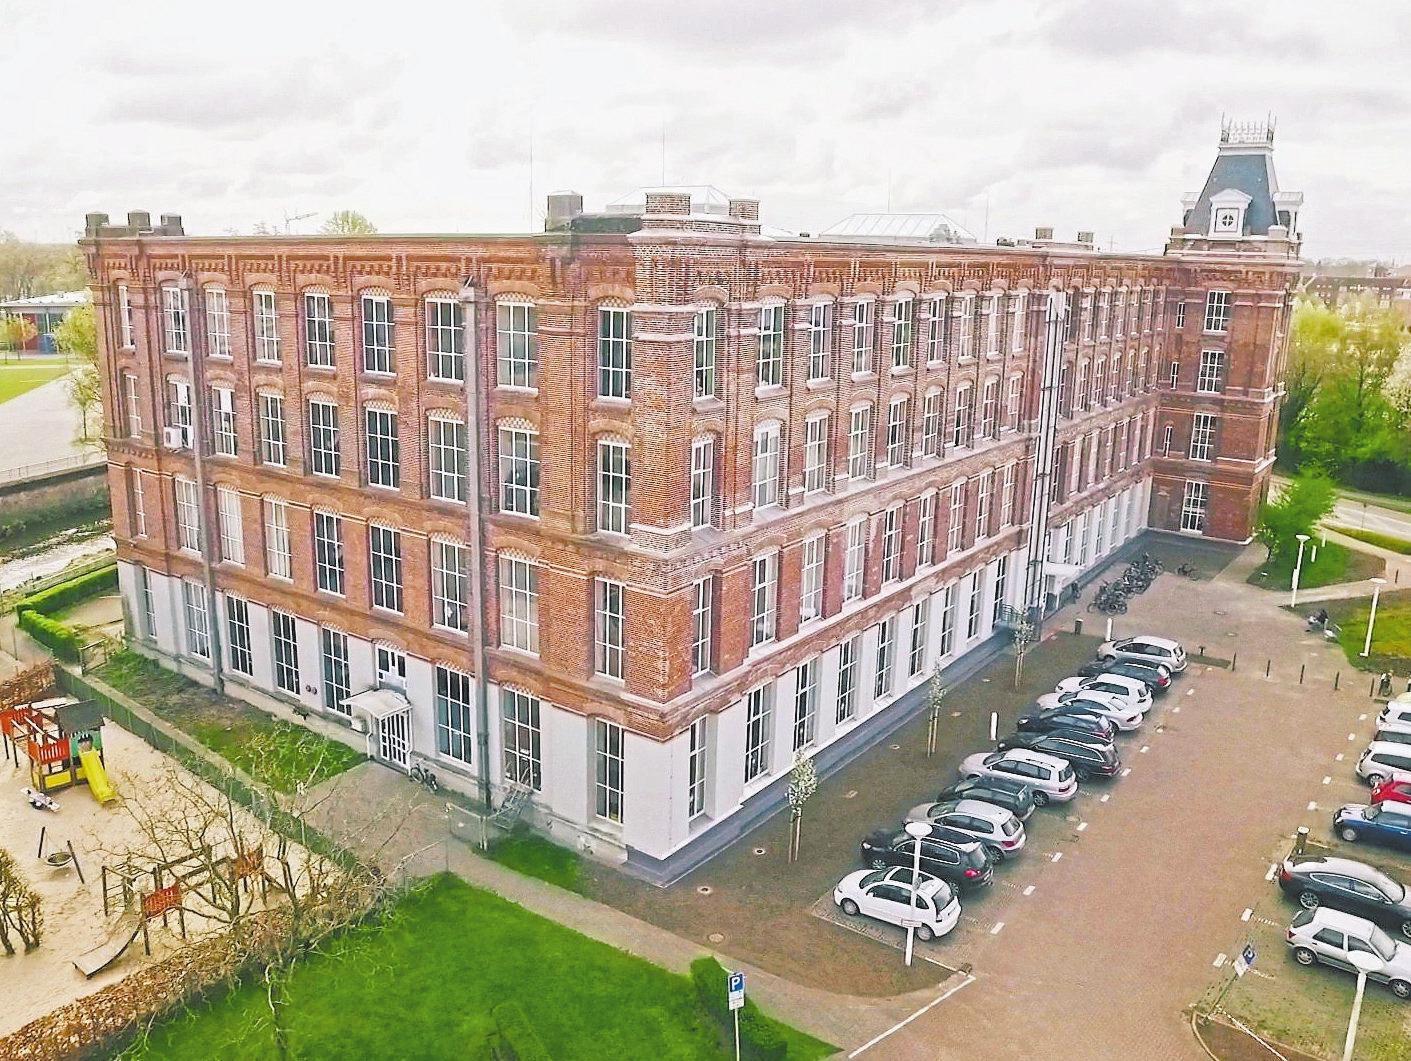 Altes Gebäude in neuem Glanz Image 1